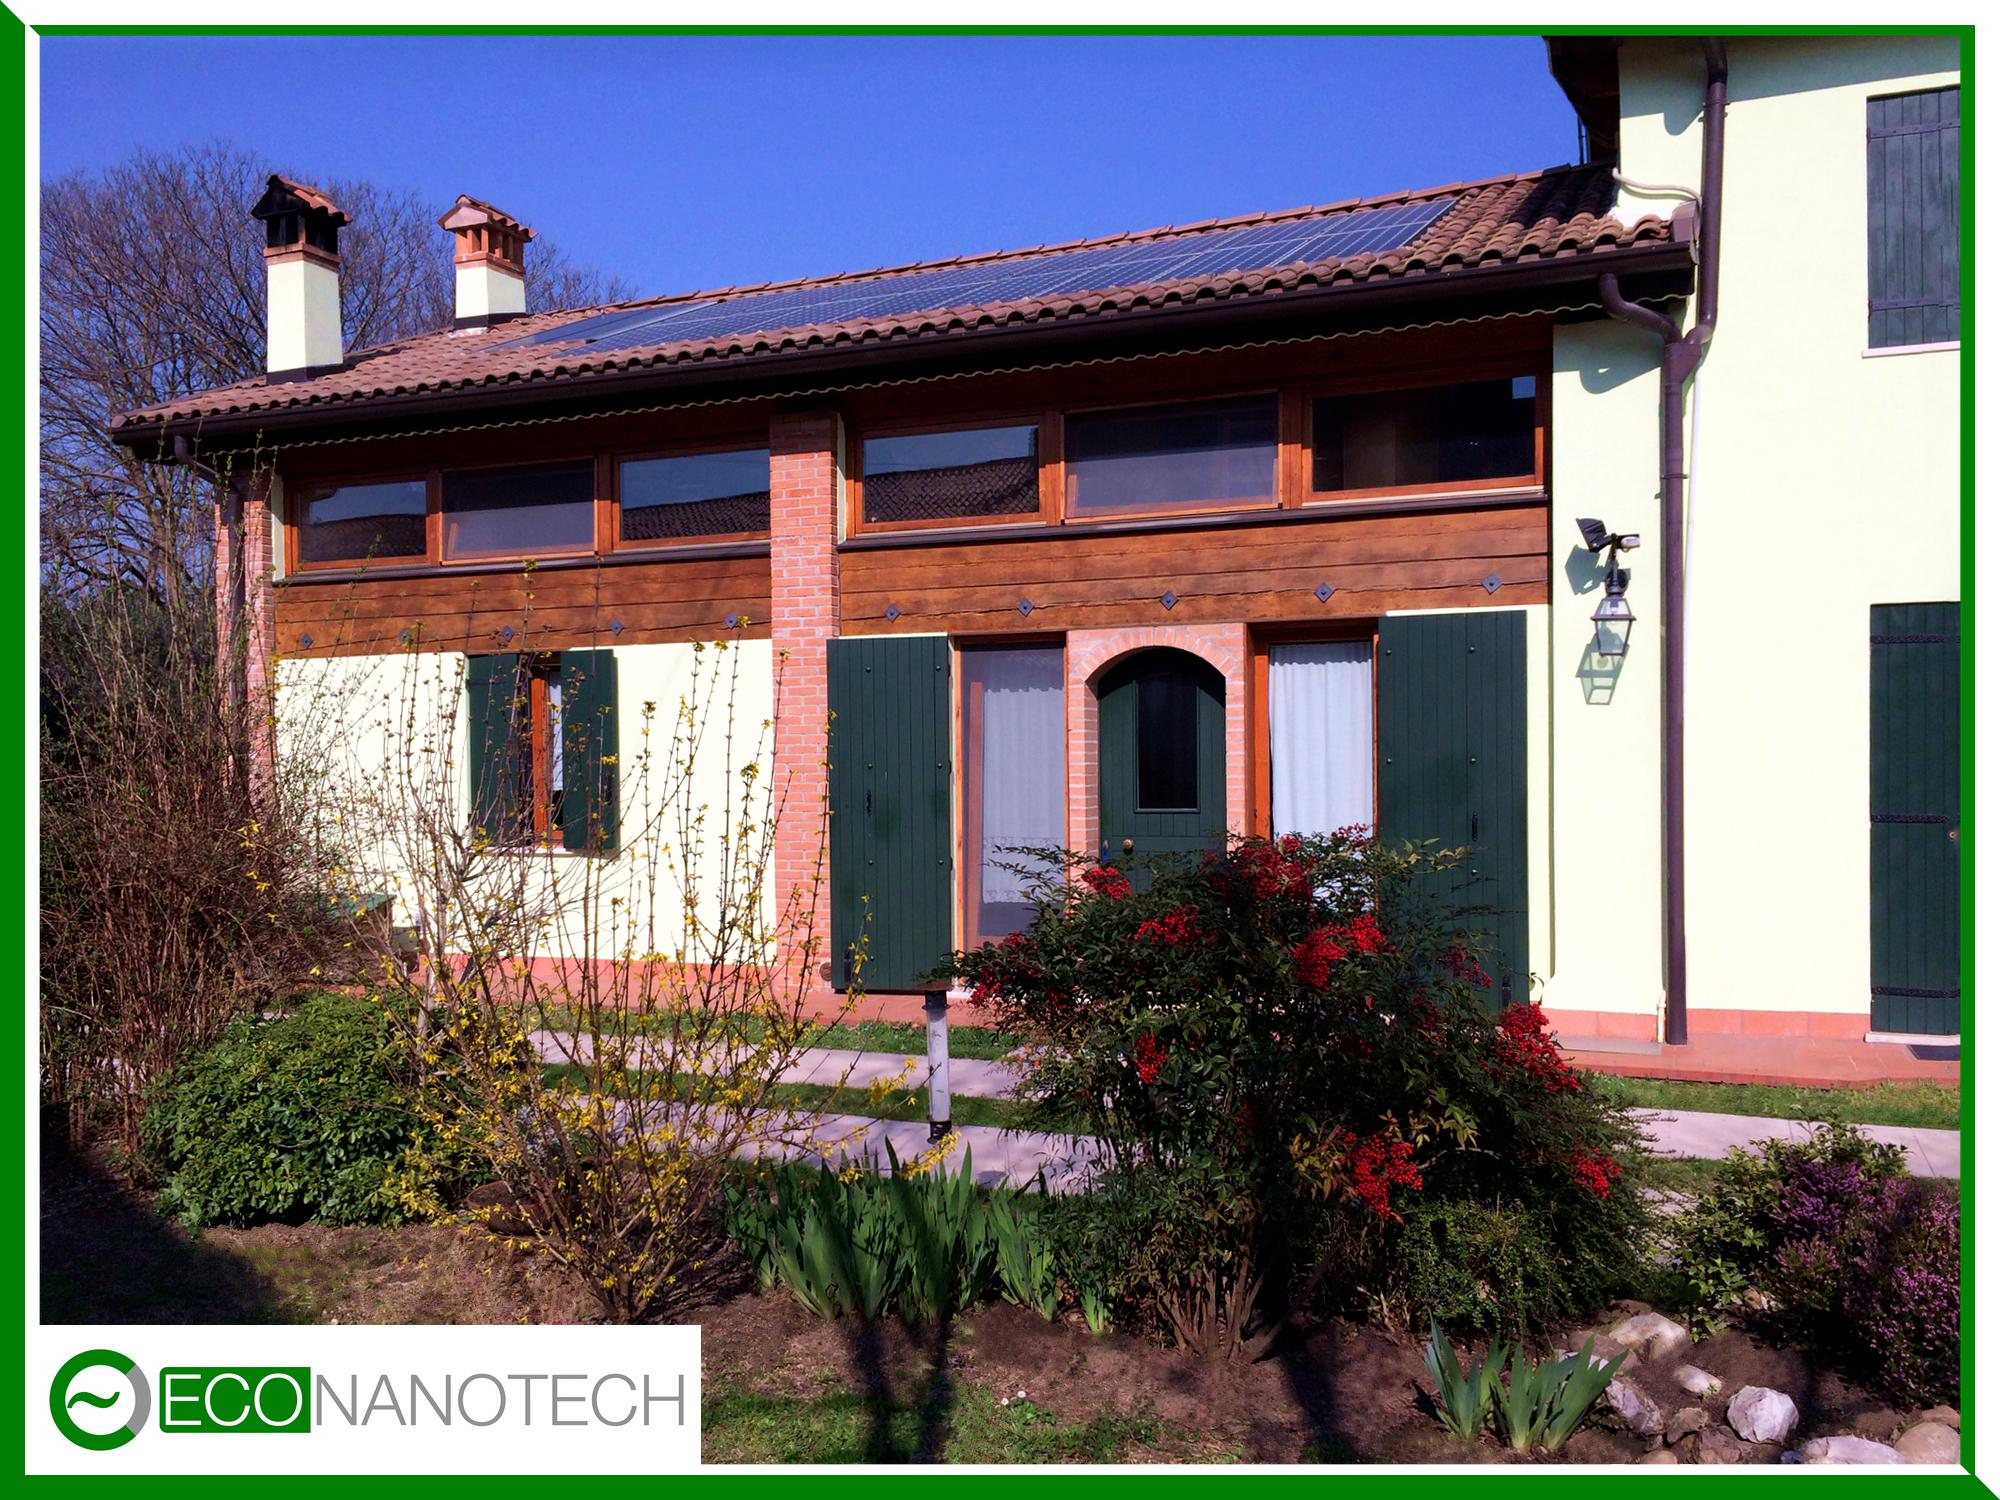 Eco Nanotech - riqualificazione energetica con nanotecnologia rustico